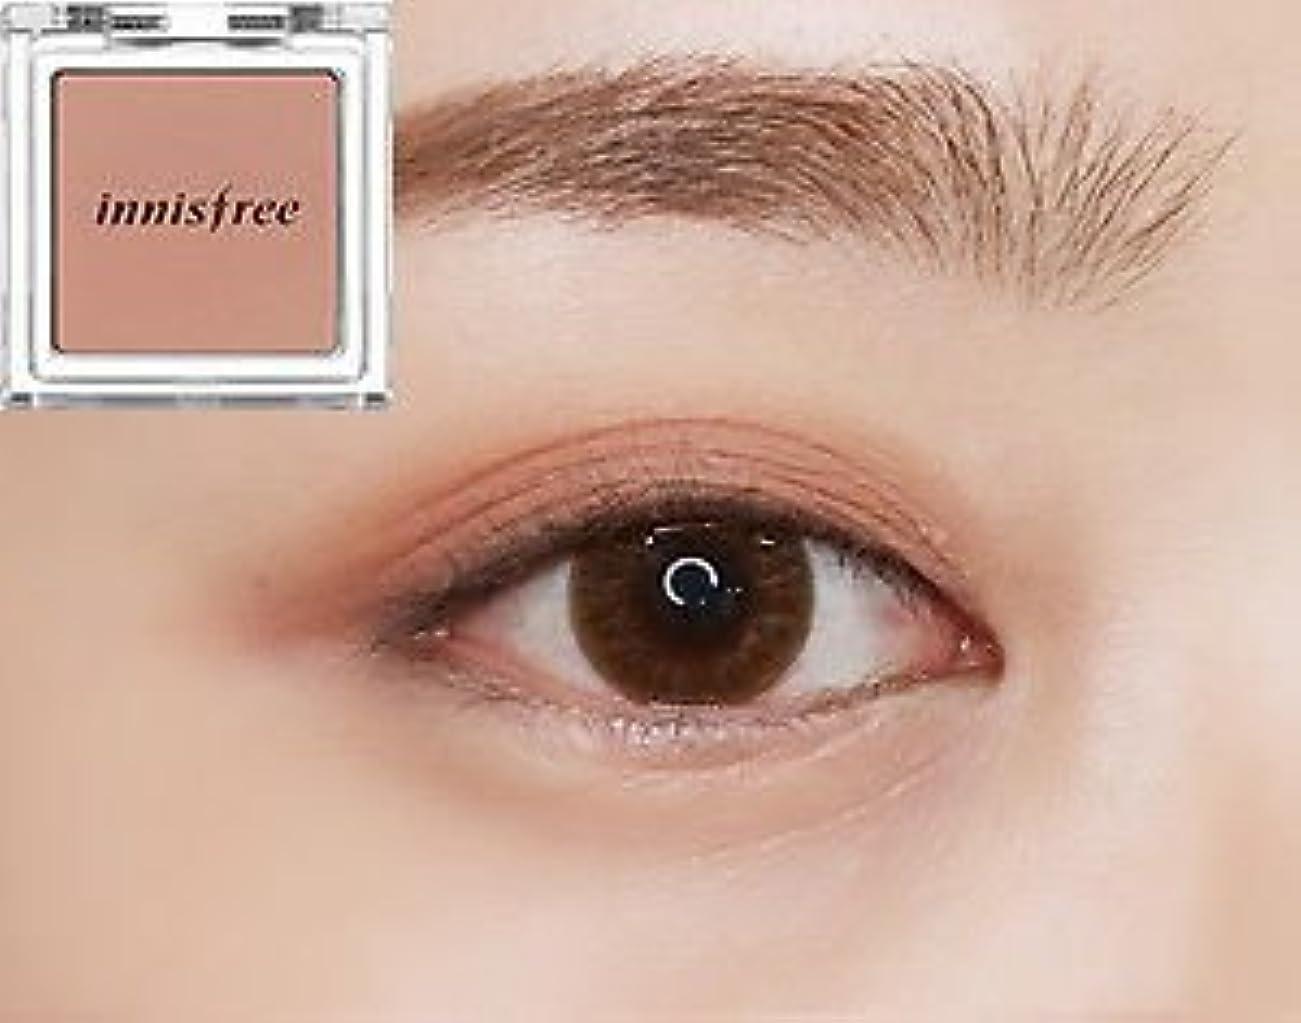 ペルソナ器官マーベル[イニスフリー] innisfree [マイ パレット マイ アイシャドウ (マット) 40カラー] MY PALETTE My Eyeshadow (Matte) 40 Shades [海外直送品] (マット #11)